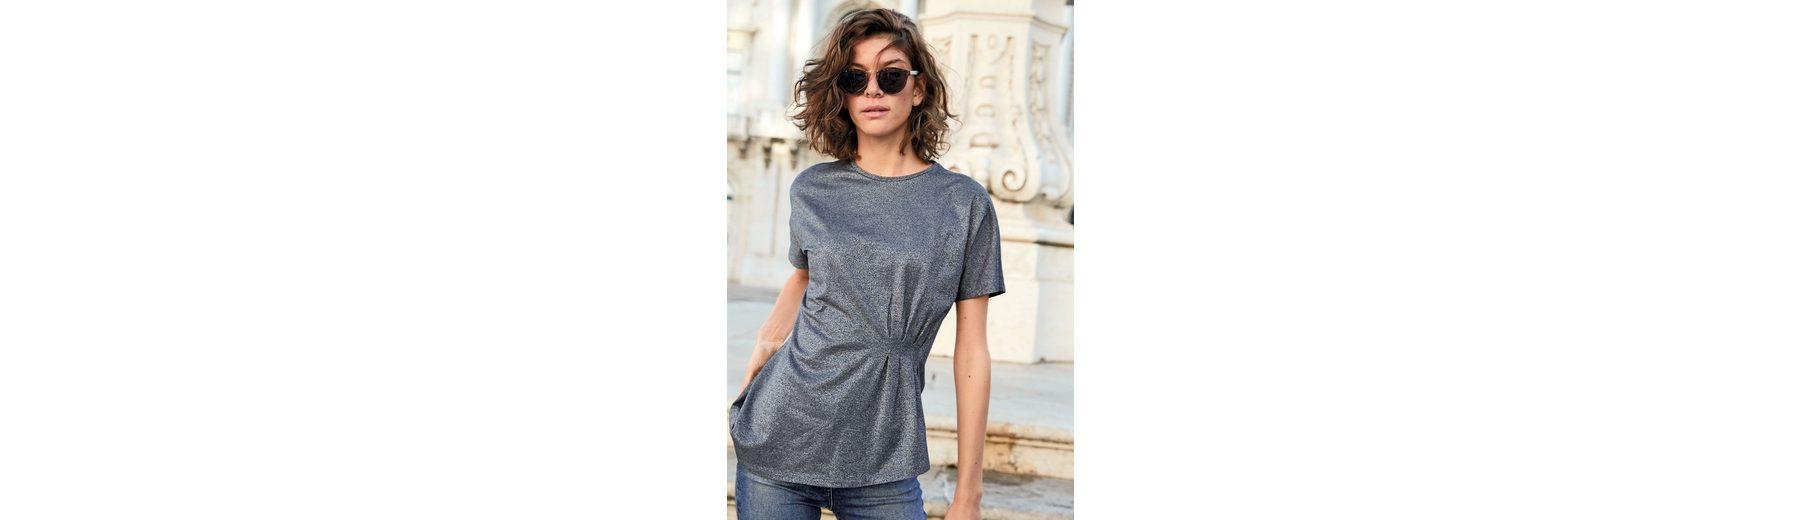 Next Asymmetrisch geschnittenes T-Shirt in Metallic Am Billigsten Outlet Günstig Online Grenze Angebot Billig Billig Verkauf Websites HbAxiaw